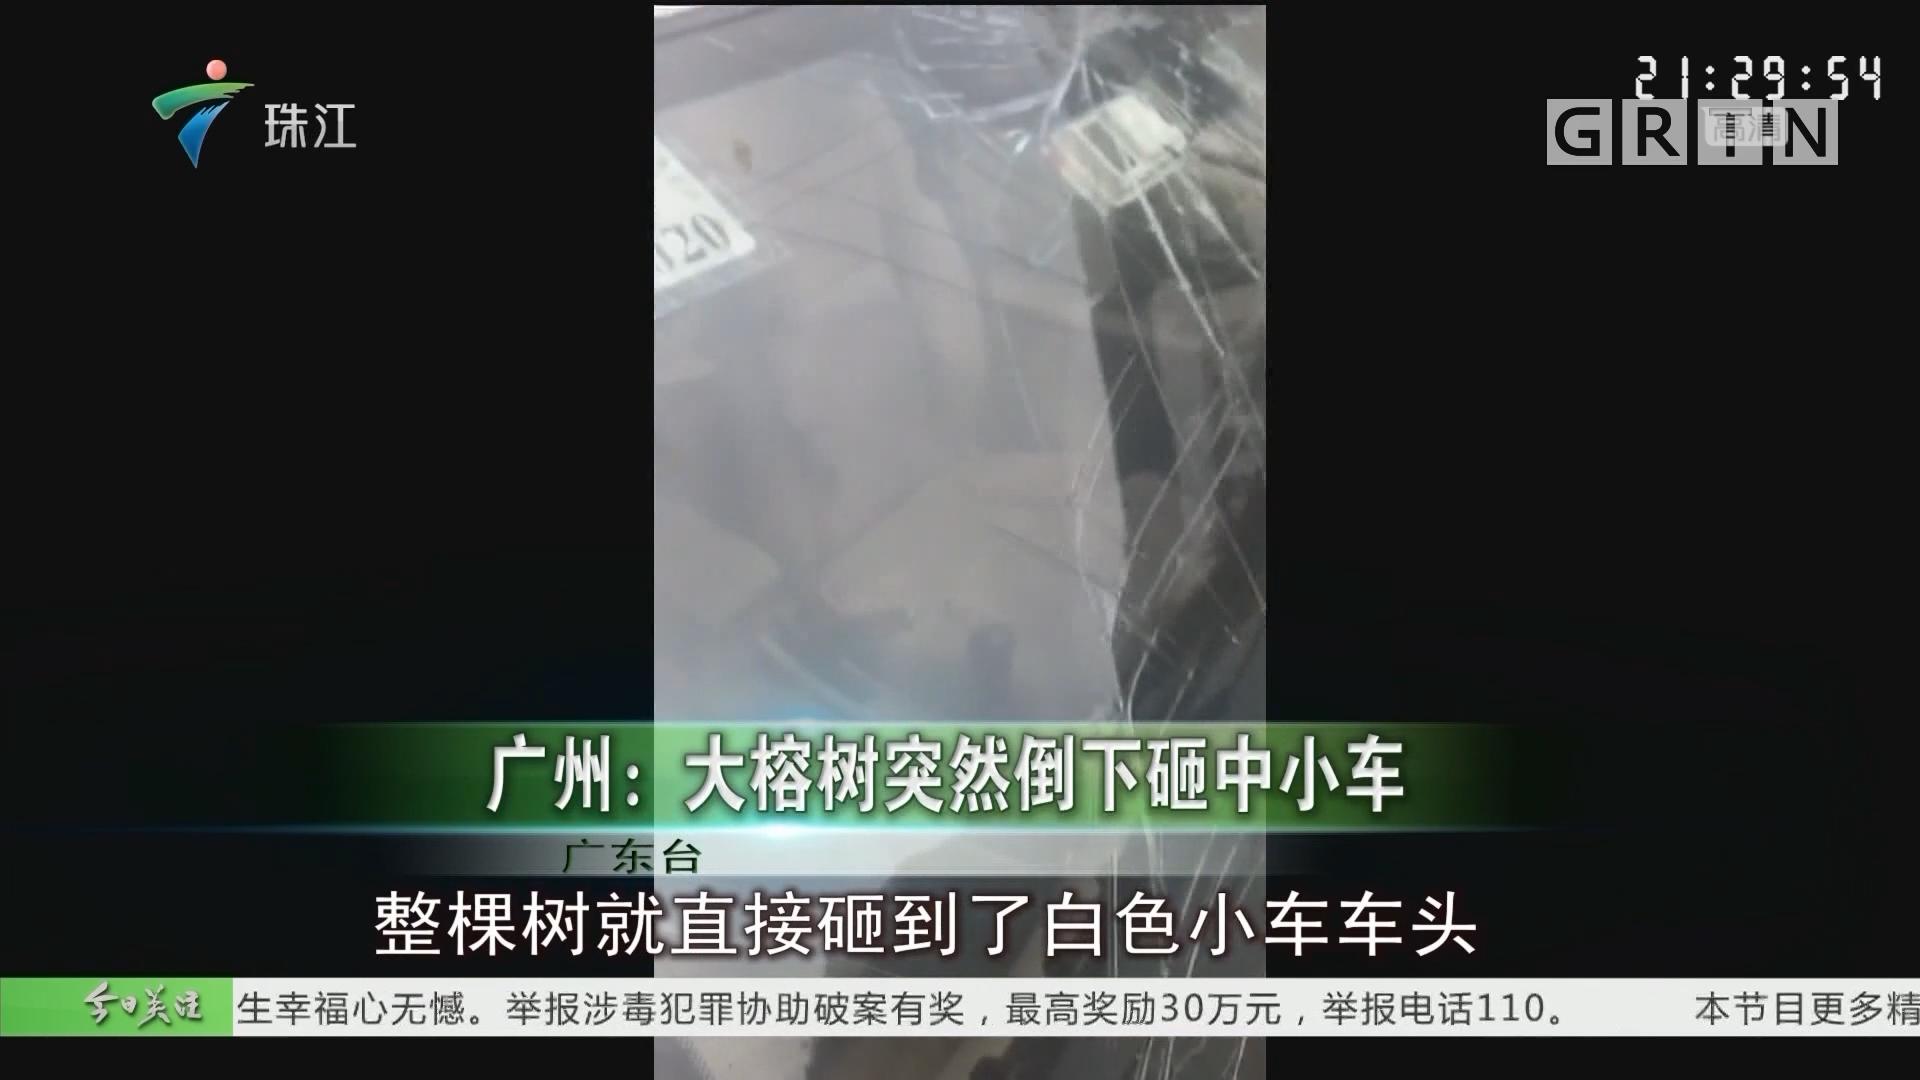 广州:大榕树突然倒下砸中小车